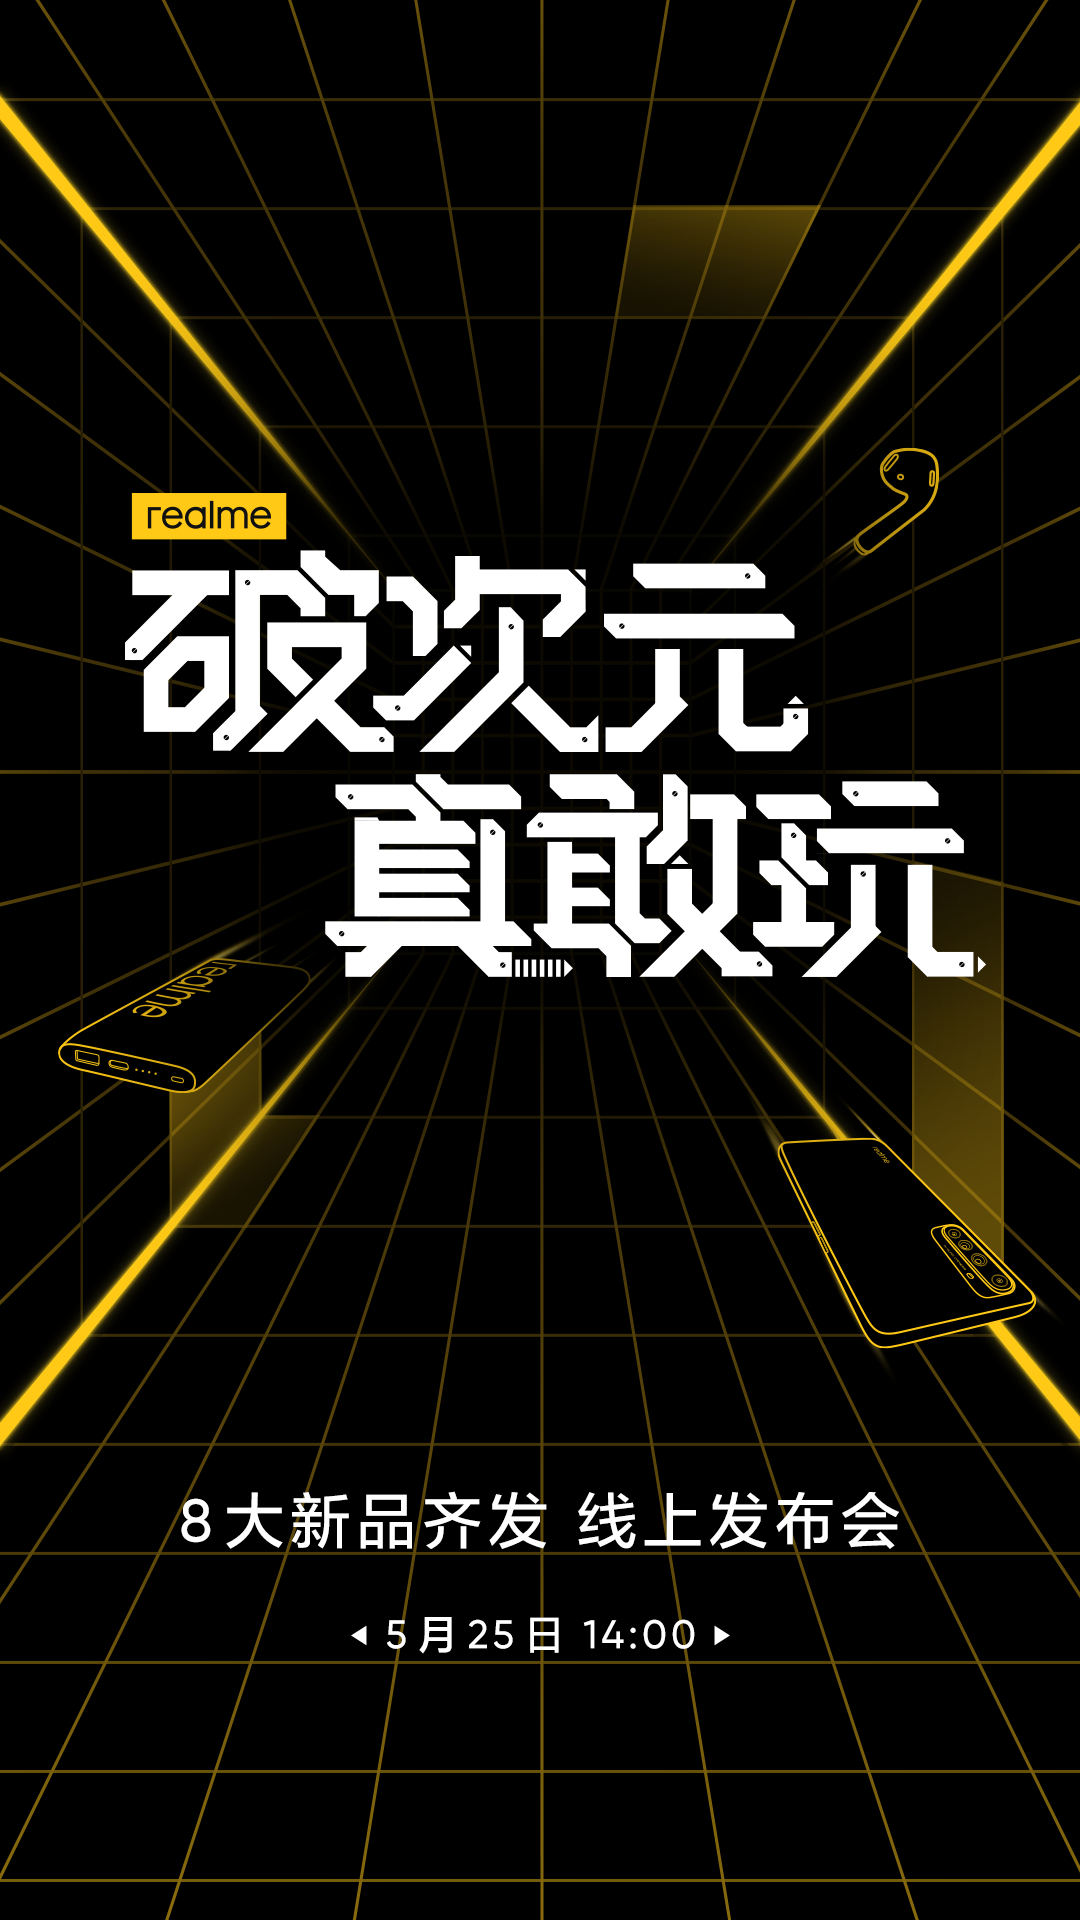 Sự kiện ra mắt ngày 25 tháng 5 của Realme